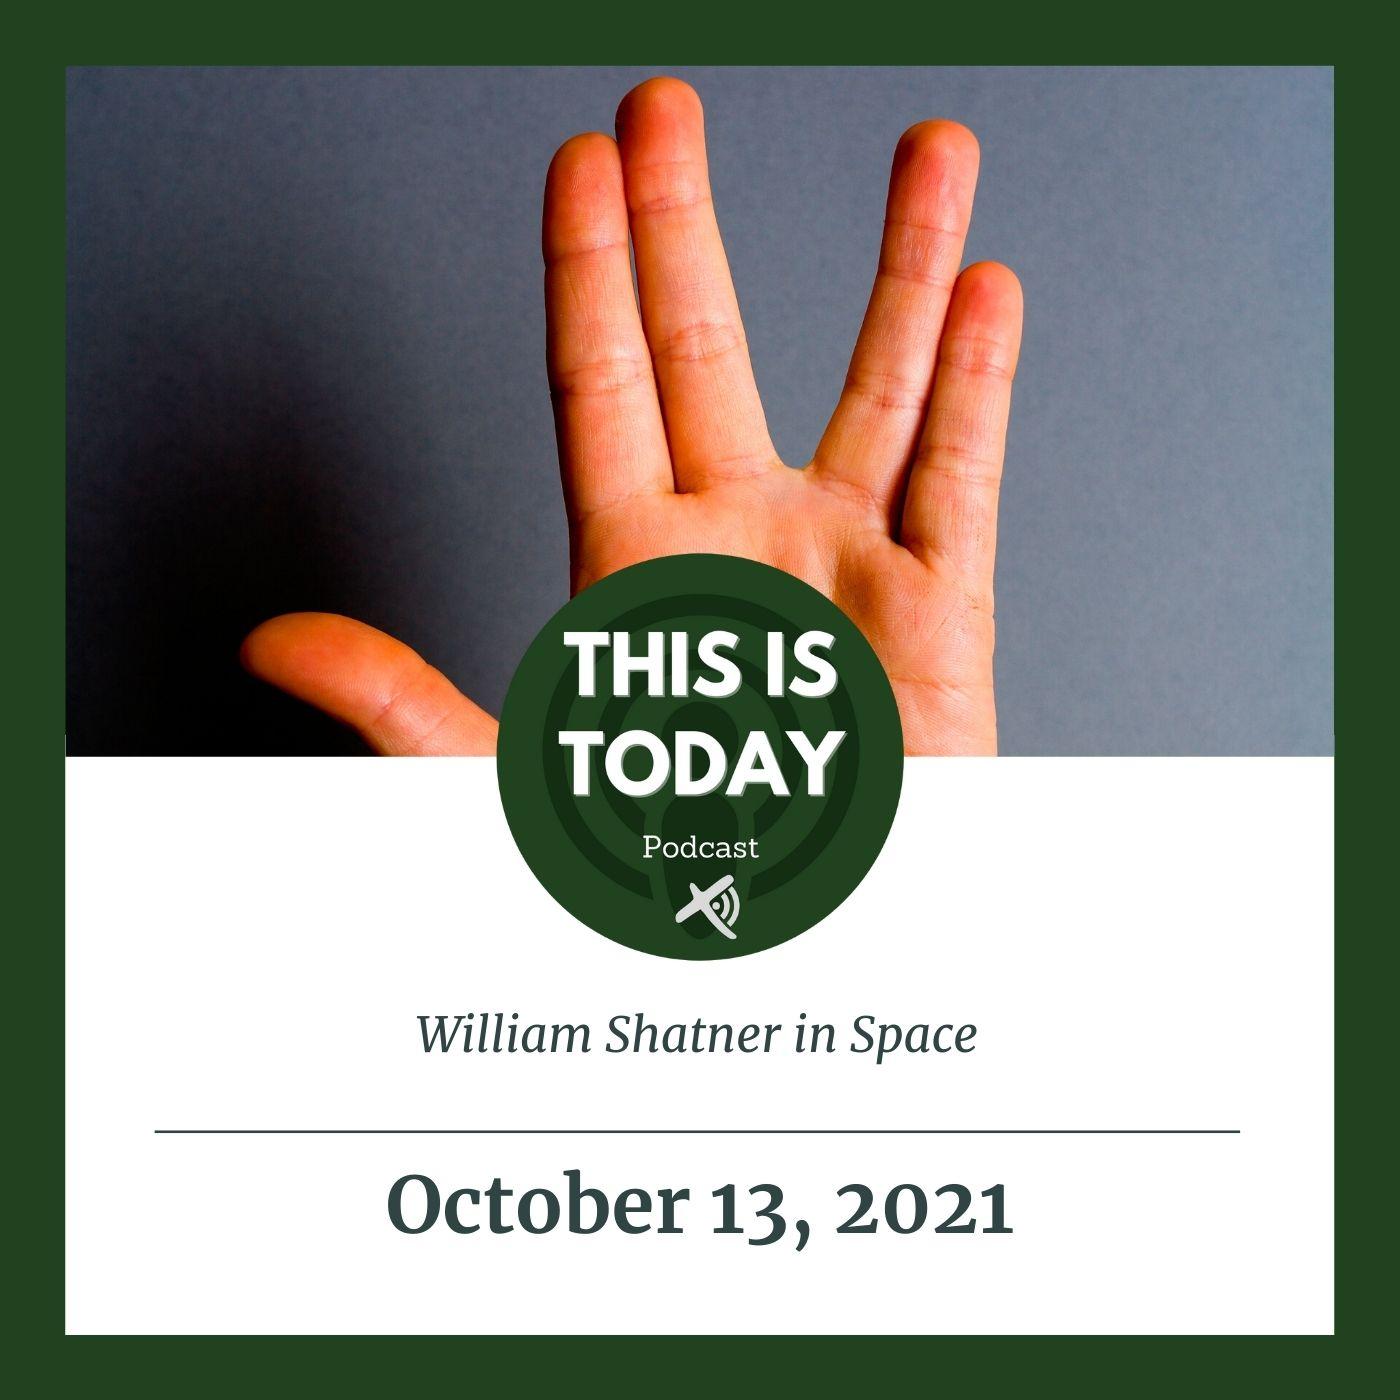 William Shatner in Space